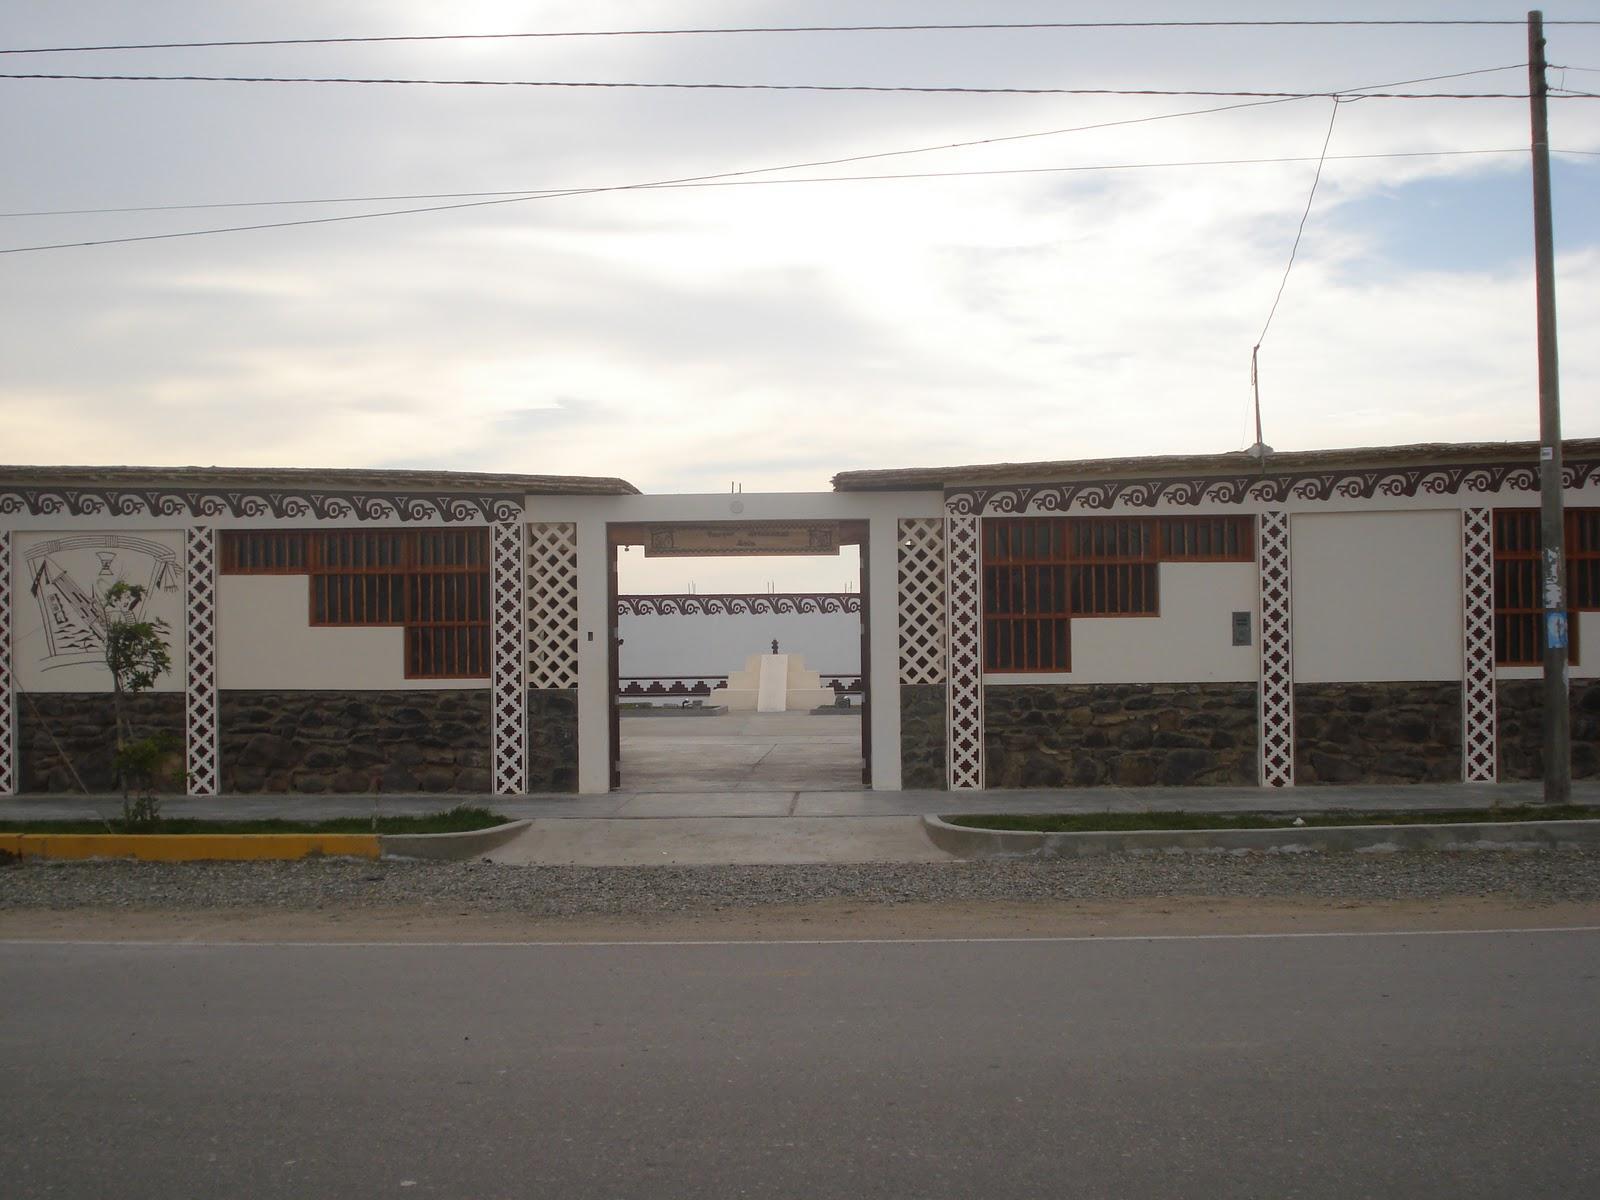 CIUDAD ETEN Y LA CASA DEL ARTESANO | CIUDAD ETEN PERU